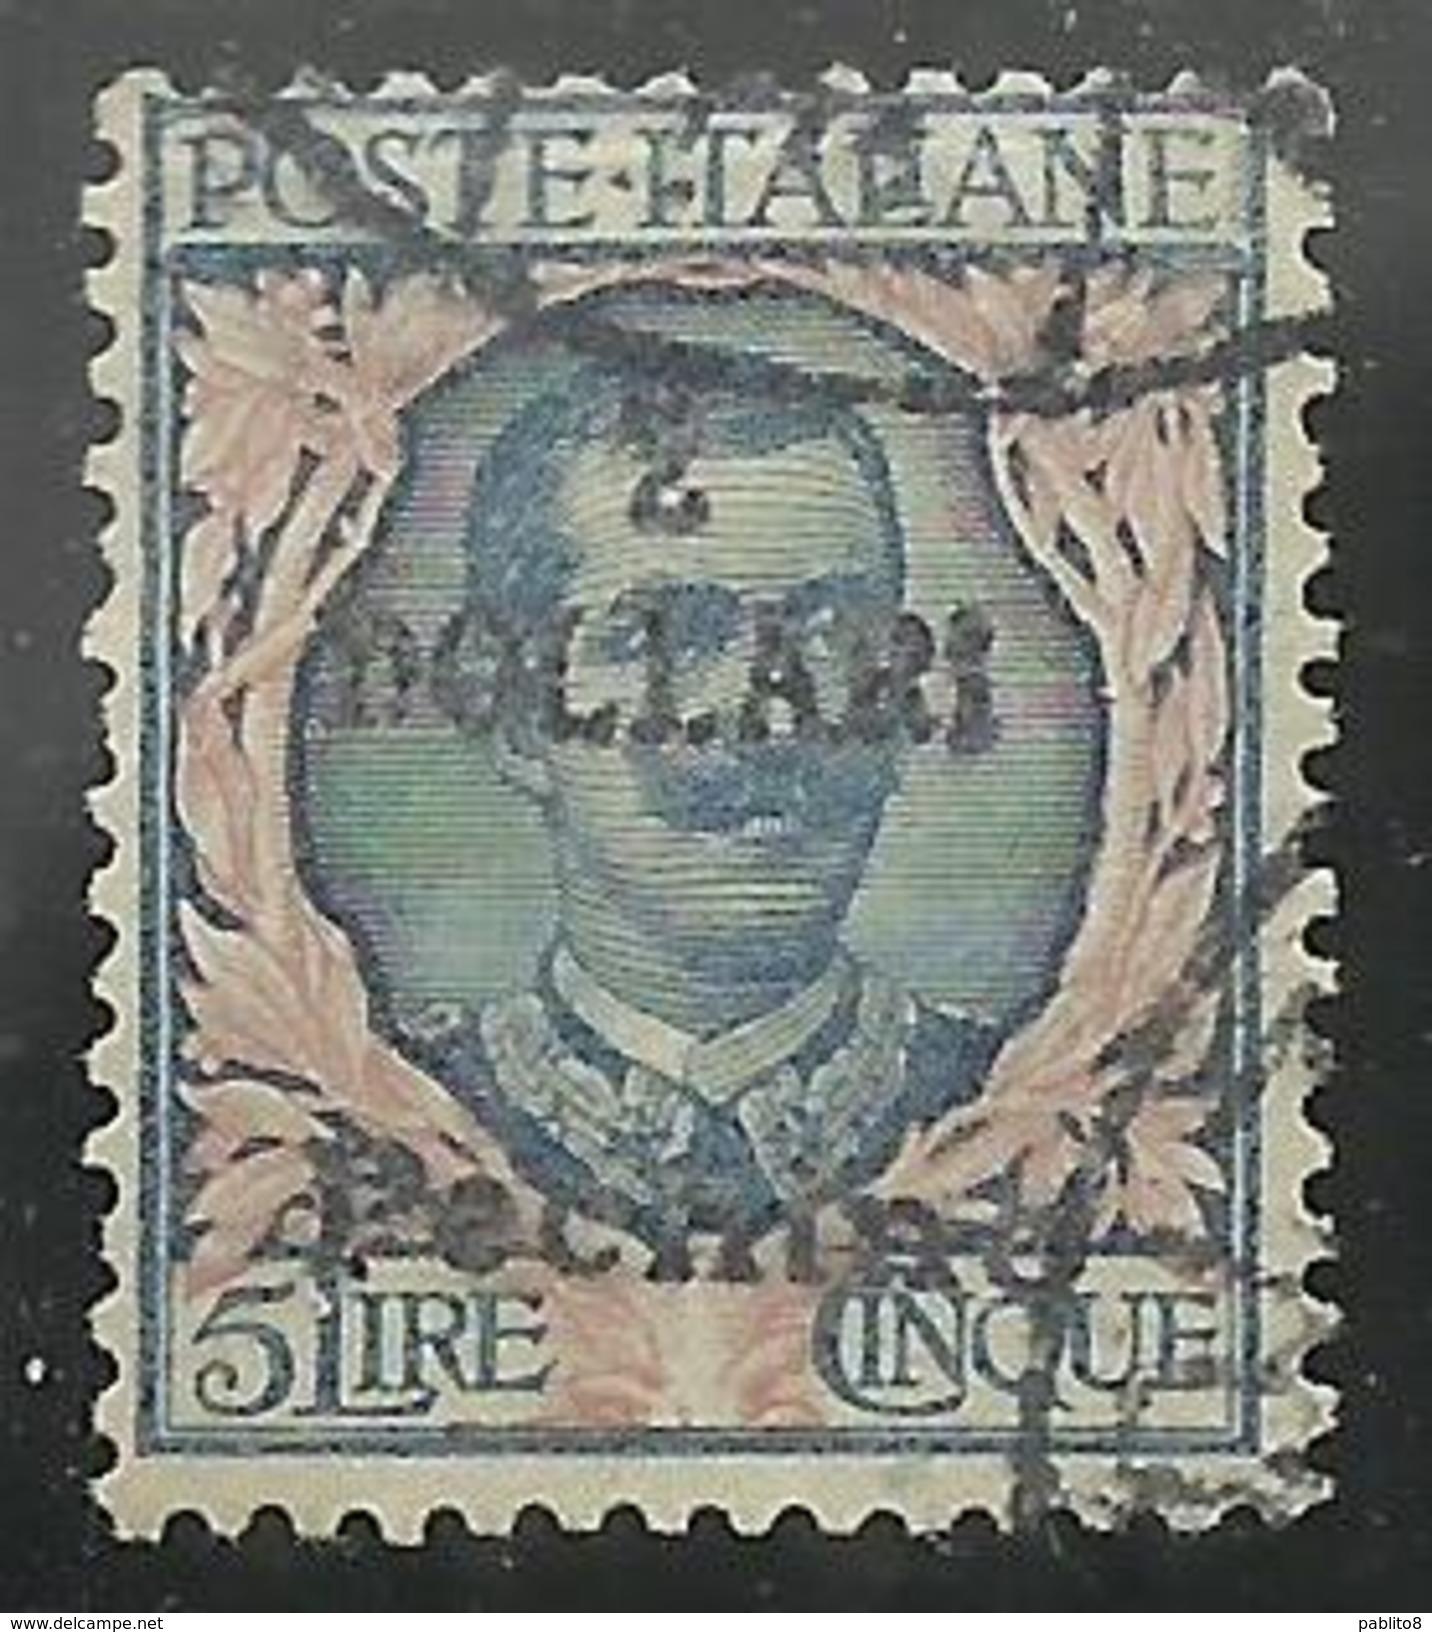 PECHINO BEIJING 1919 1920 SOPRASTAMPATO D'ITALIA ITALY OVERPRINTED 2 DOLLARI DOLLARS SU LIRE 5 USATO USED CERTIFICATO - 11. Uffici Postali All'estero